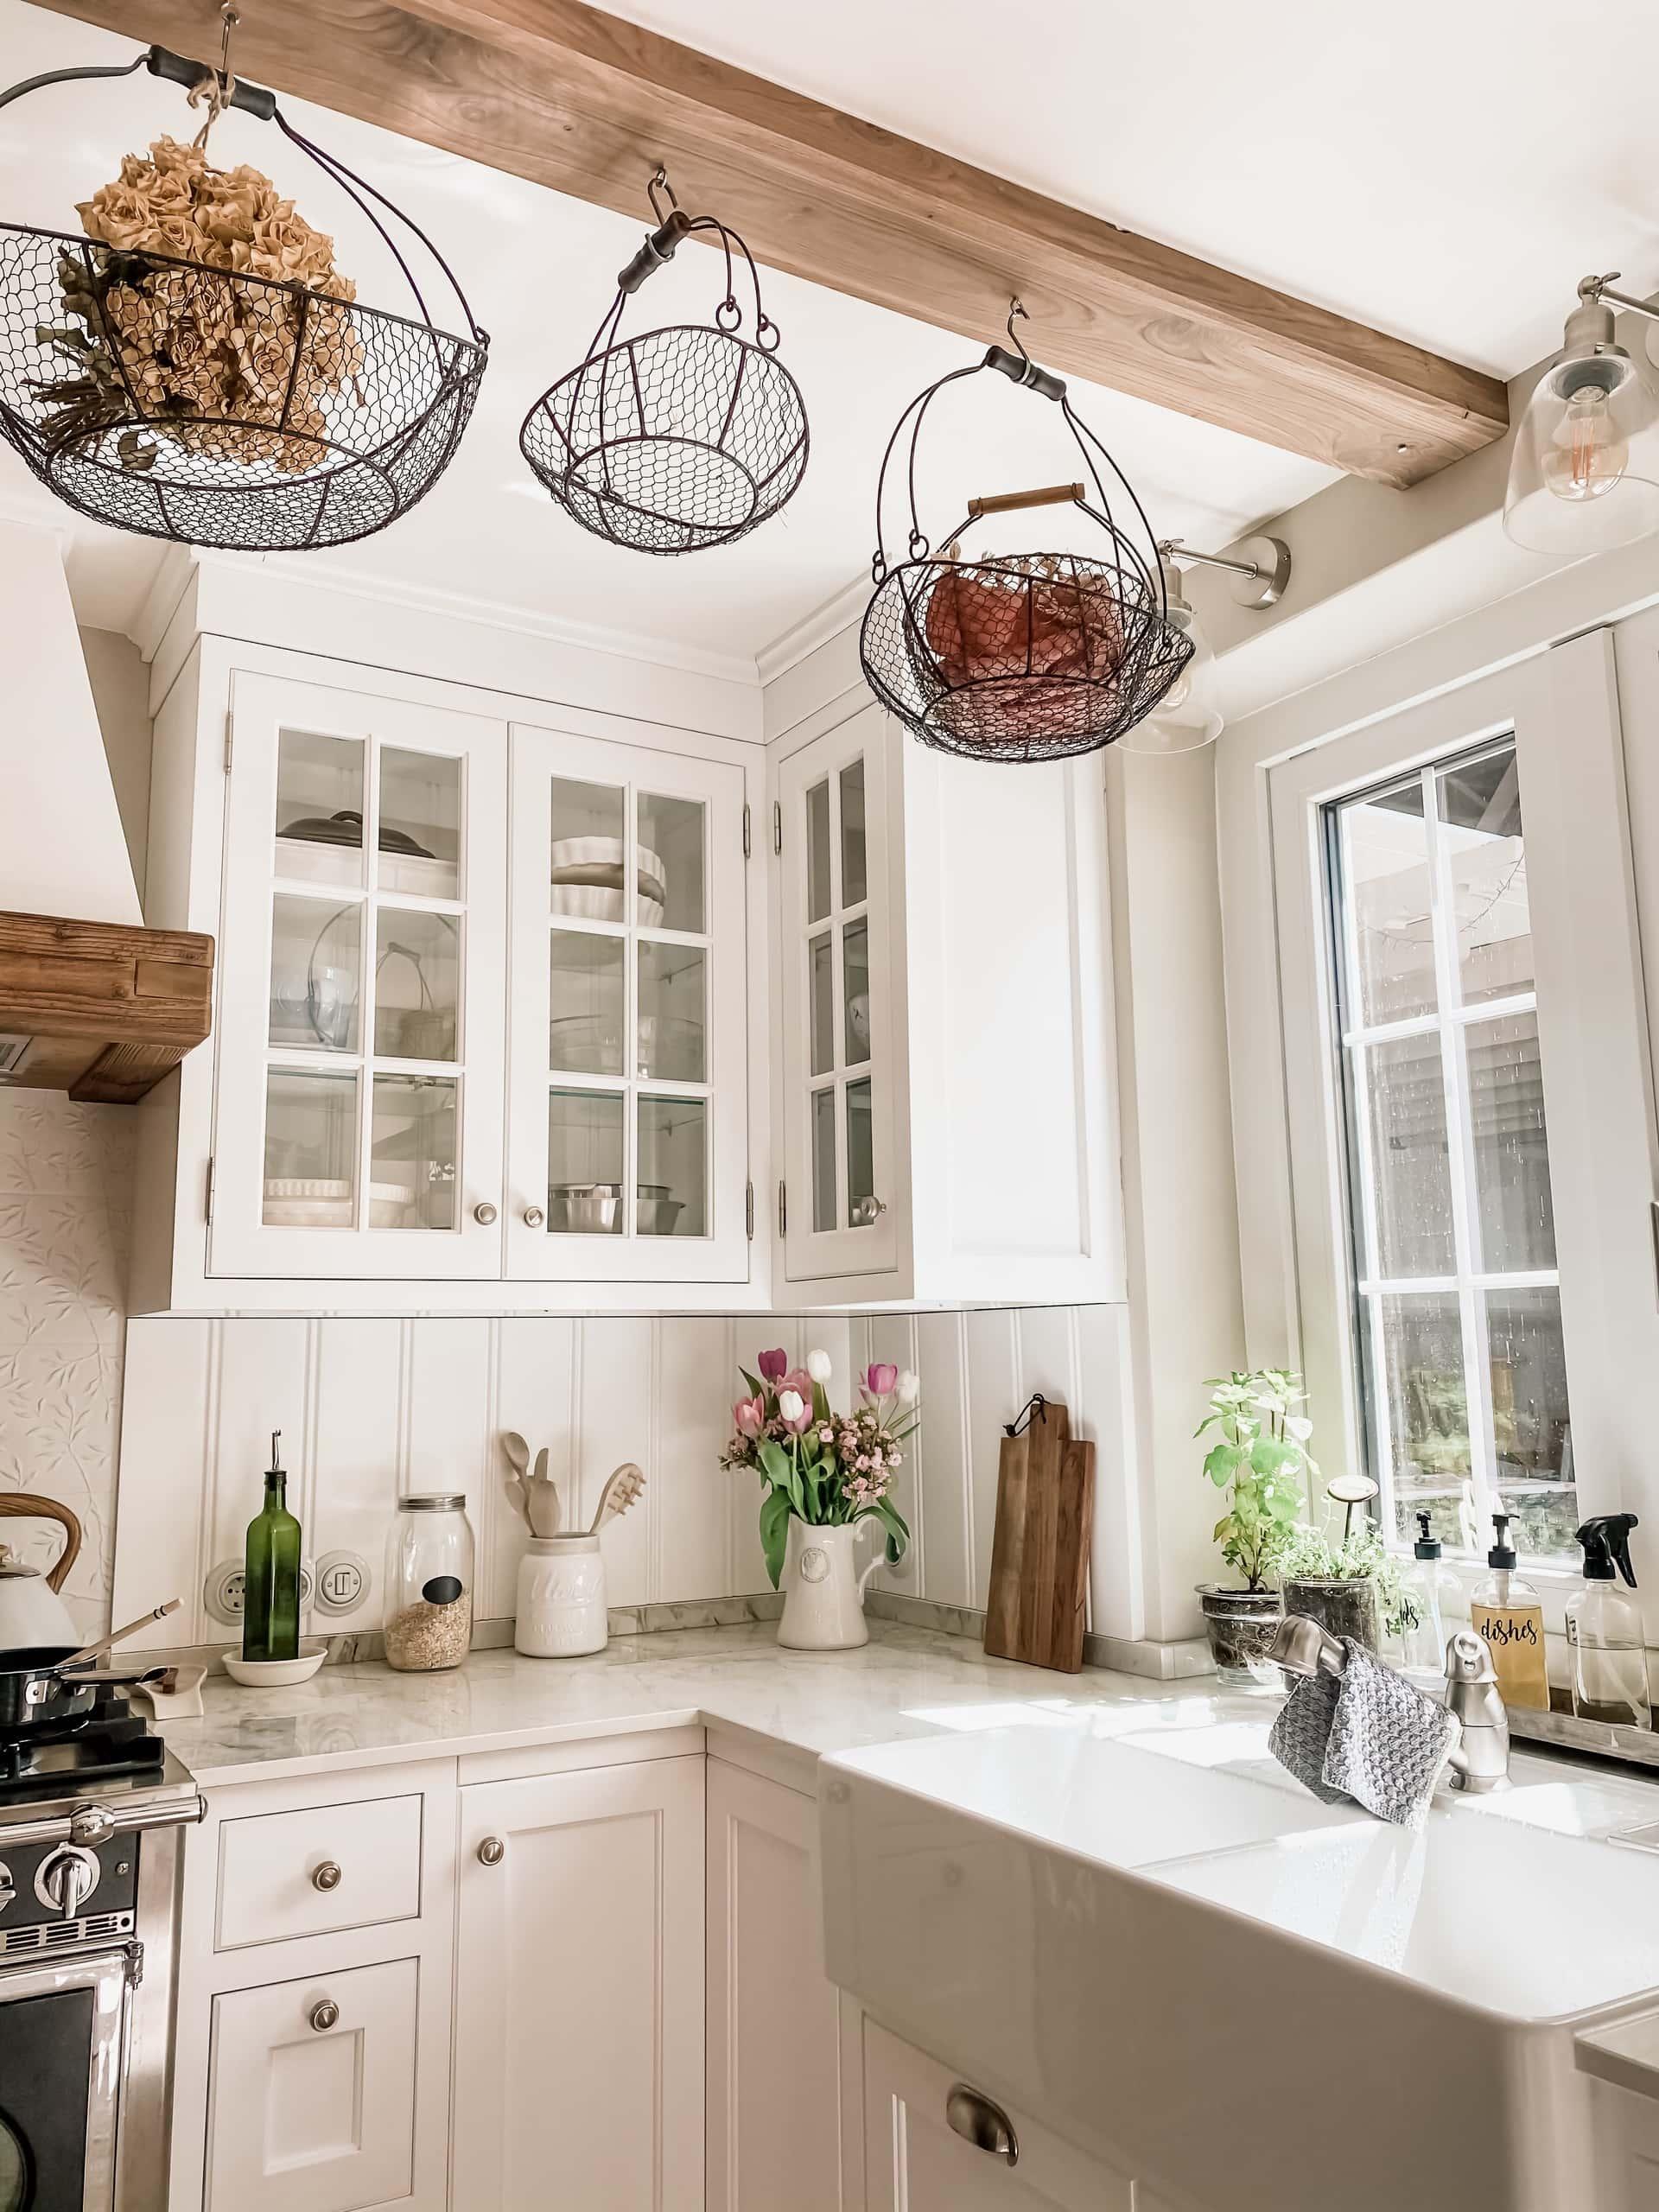 Male tak i hvitt landlig kjøkken, drømmekjøkkenet